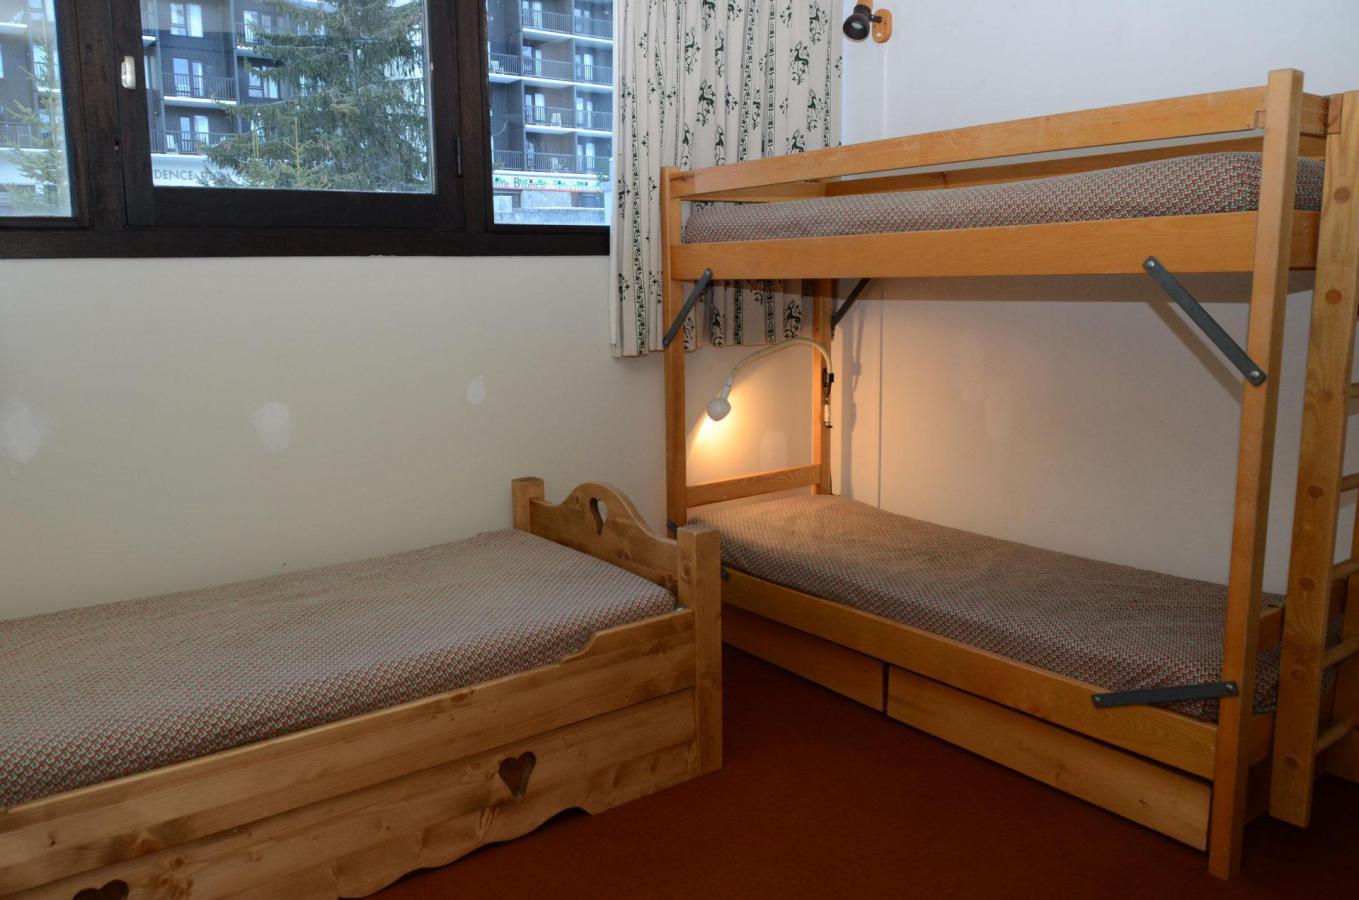 Location au ski Appartement 2 pièces 6 personnes (A2) - Residence Balance - Flaine - Lits superposés